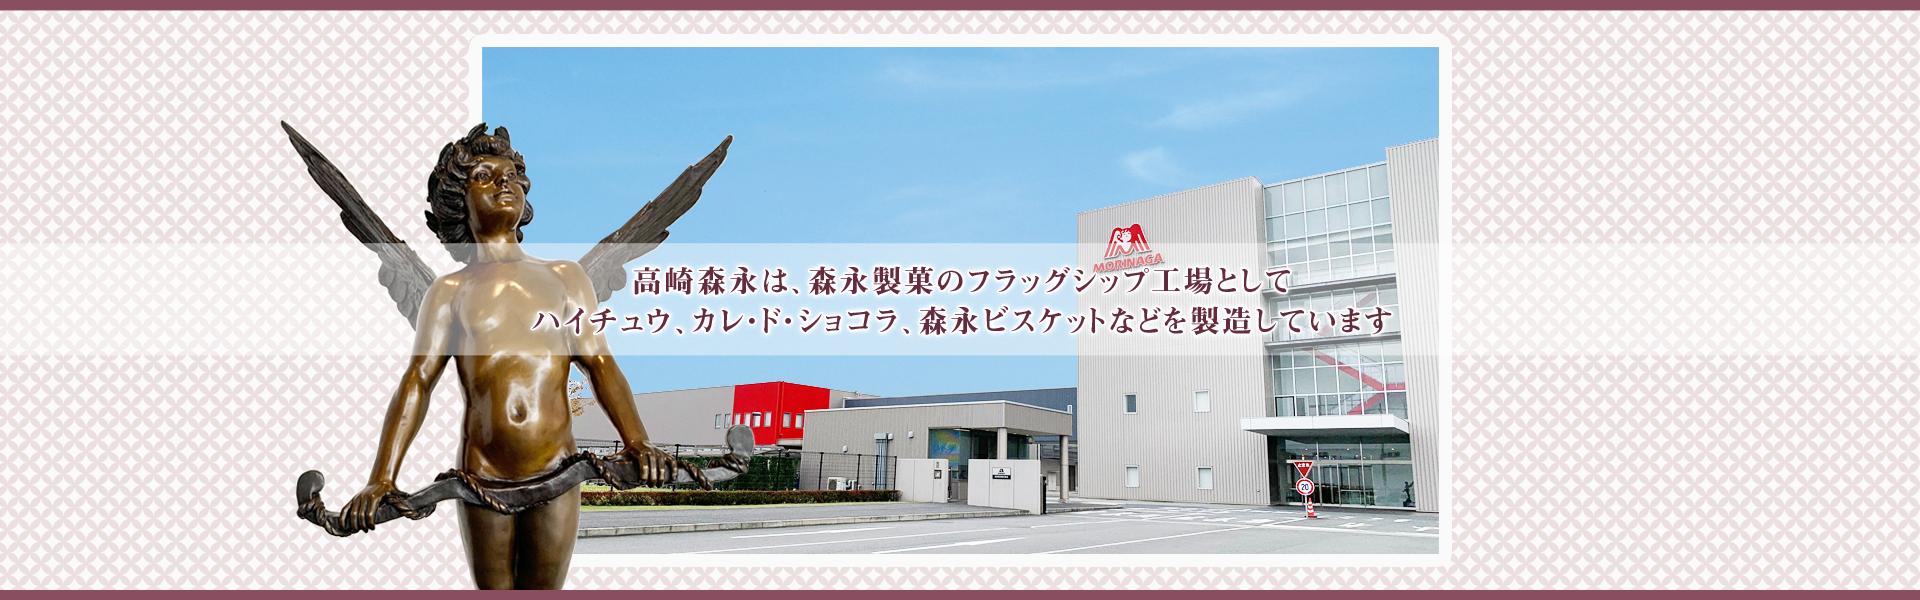 高崎森永は森永製菓のフラッグシップ工場としてハイチュウ、カレ・ド・ショコラ、森永ビスケットなどを製造しています。